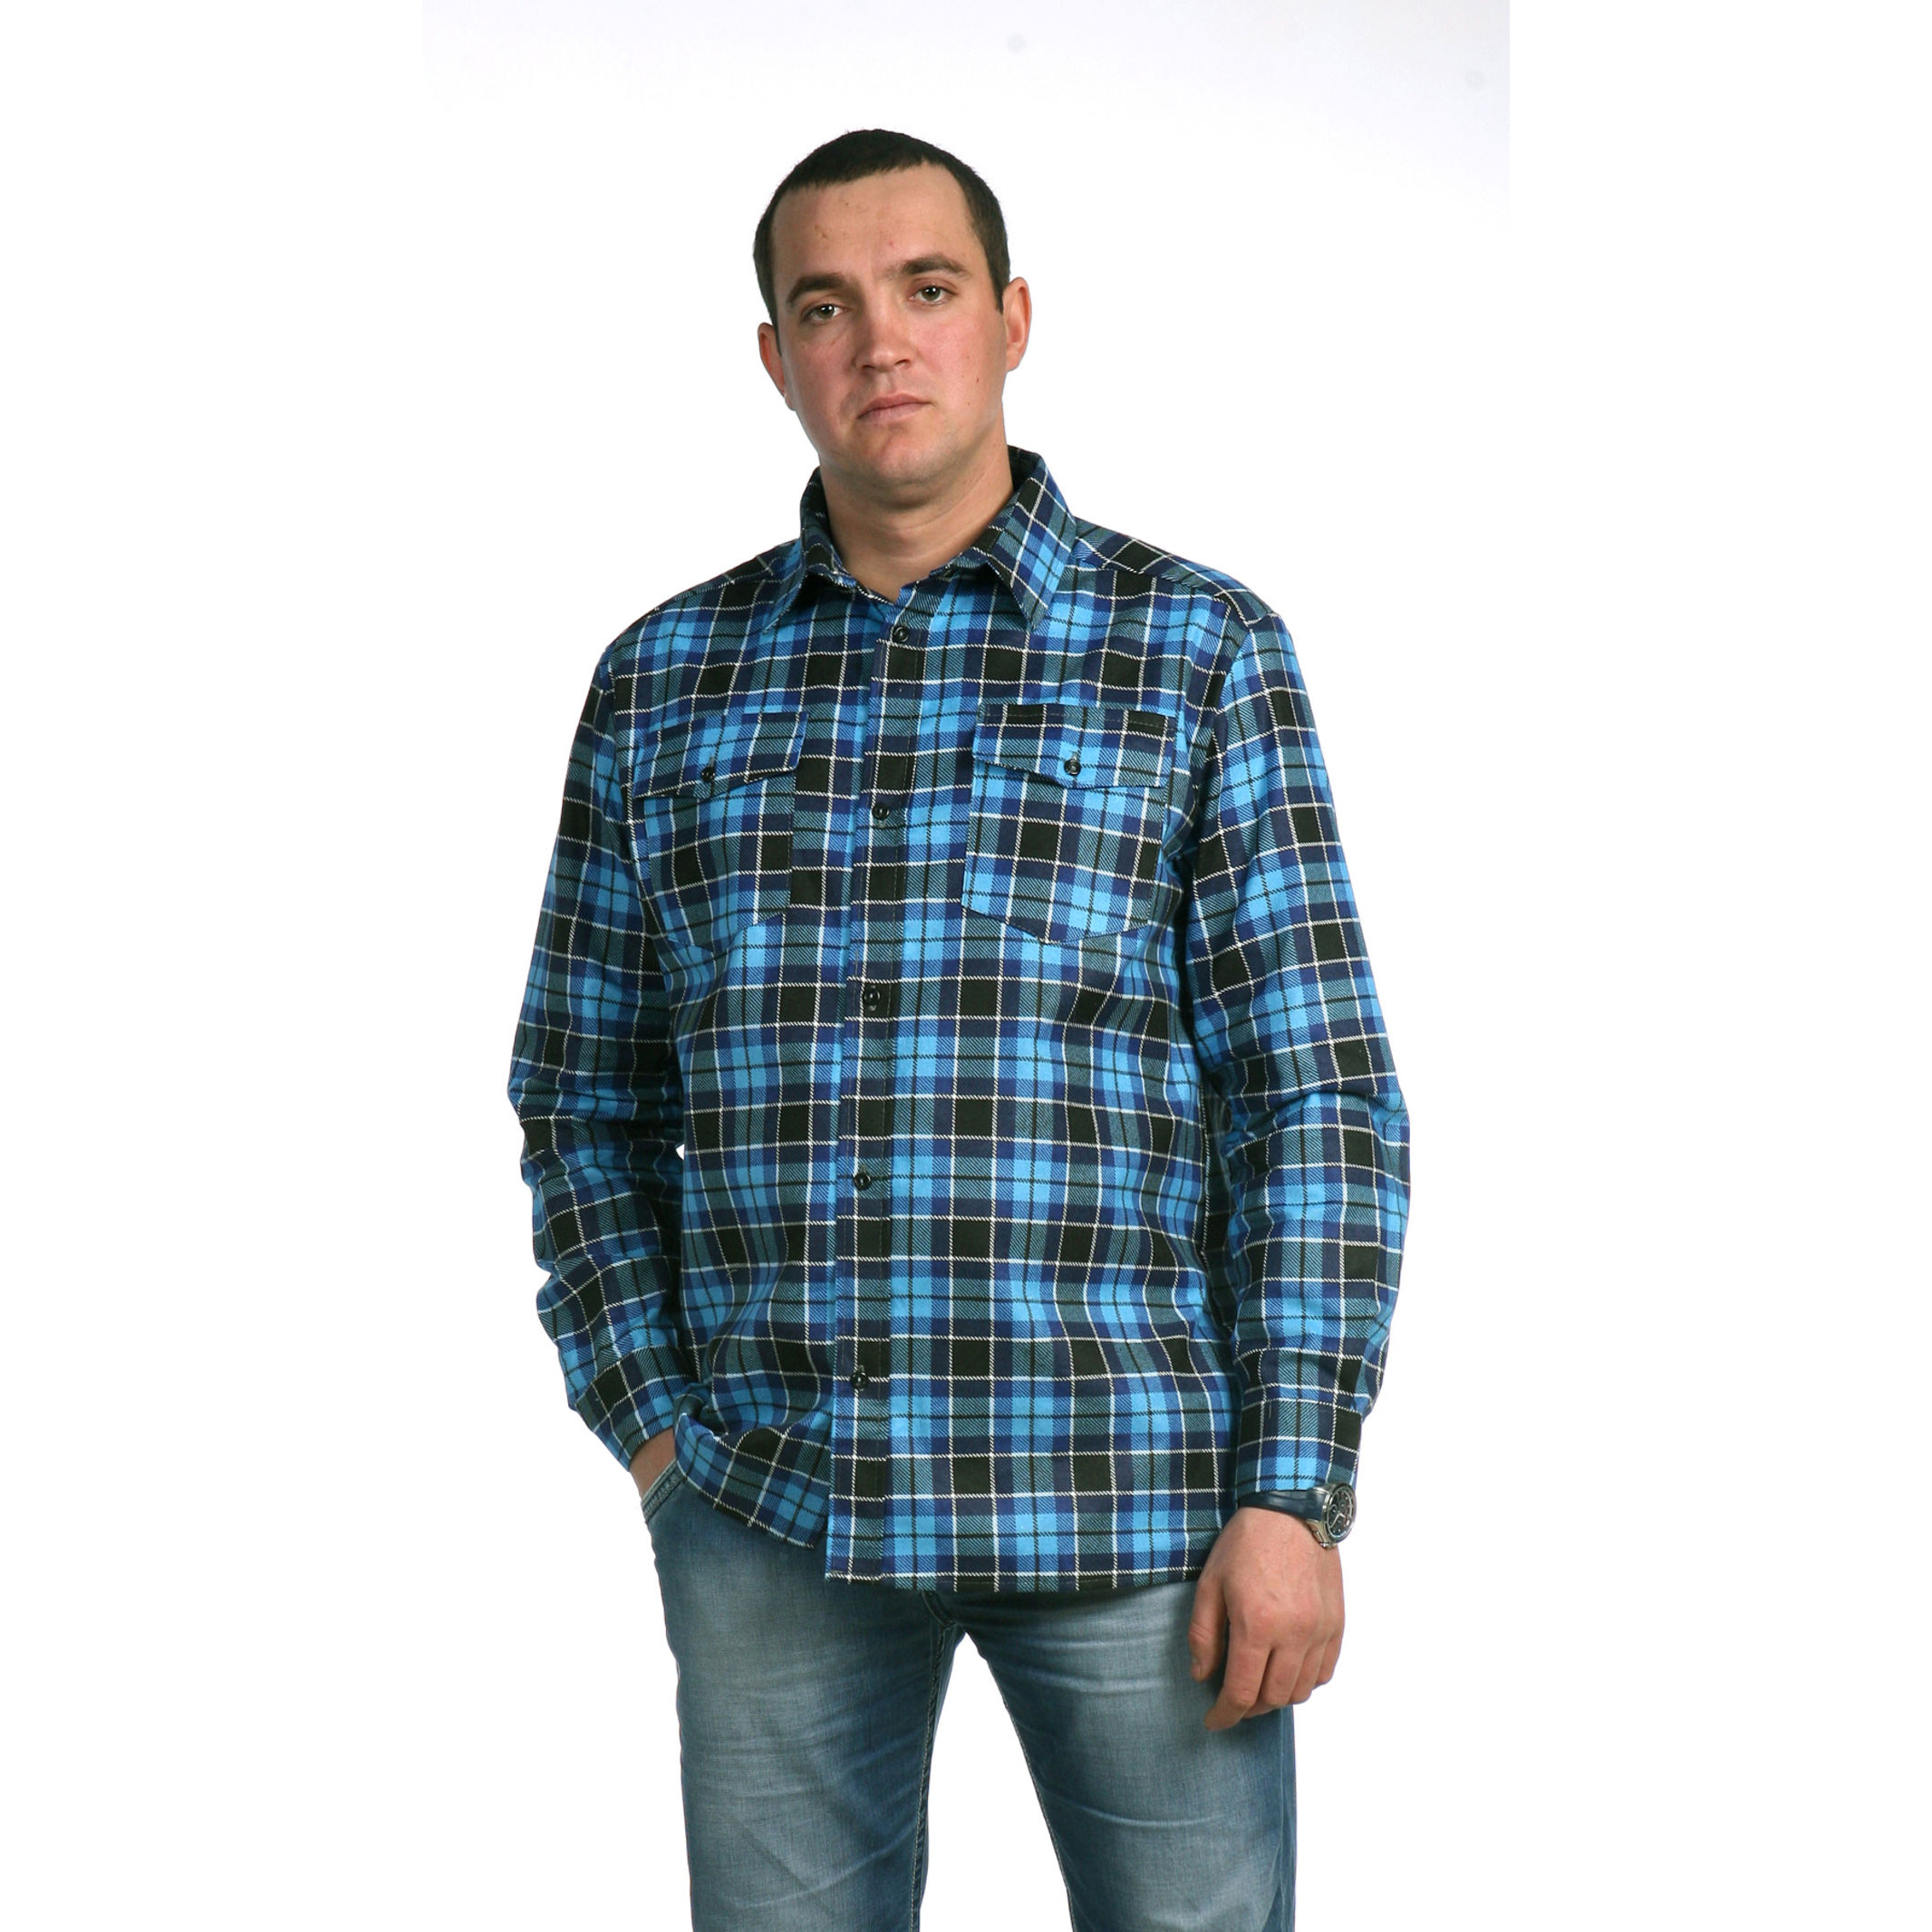 Мужская рубашка «Гарри», размер 64 Лика Дресс